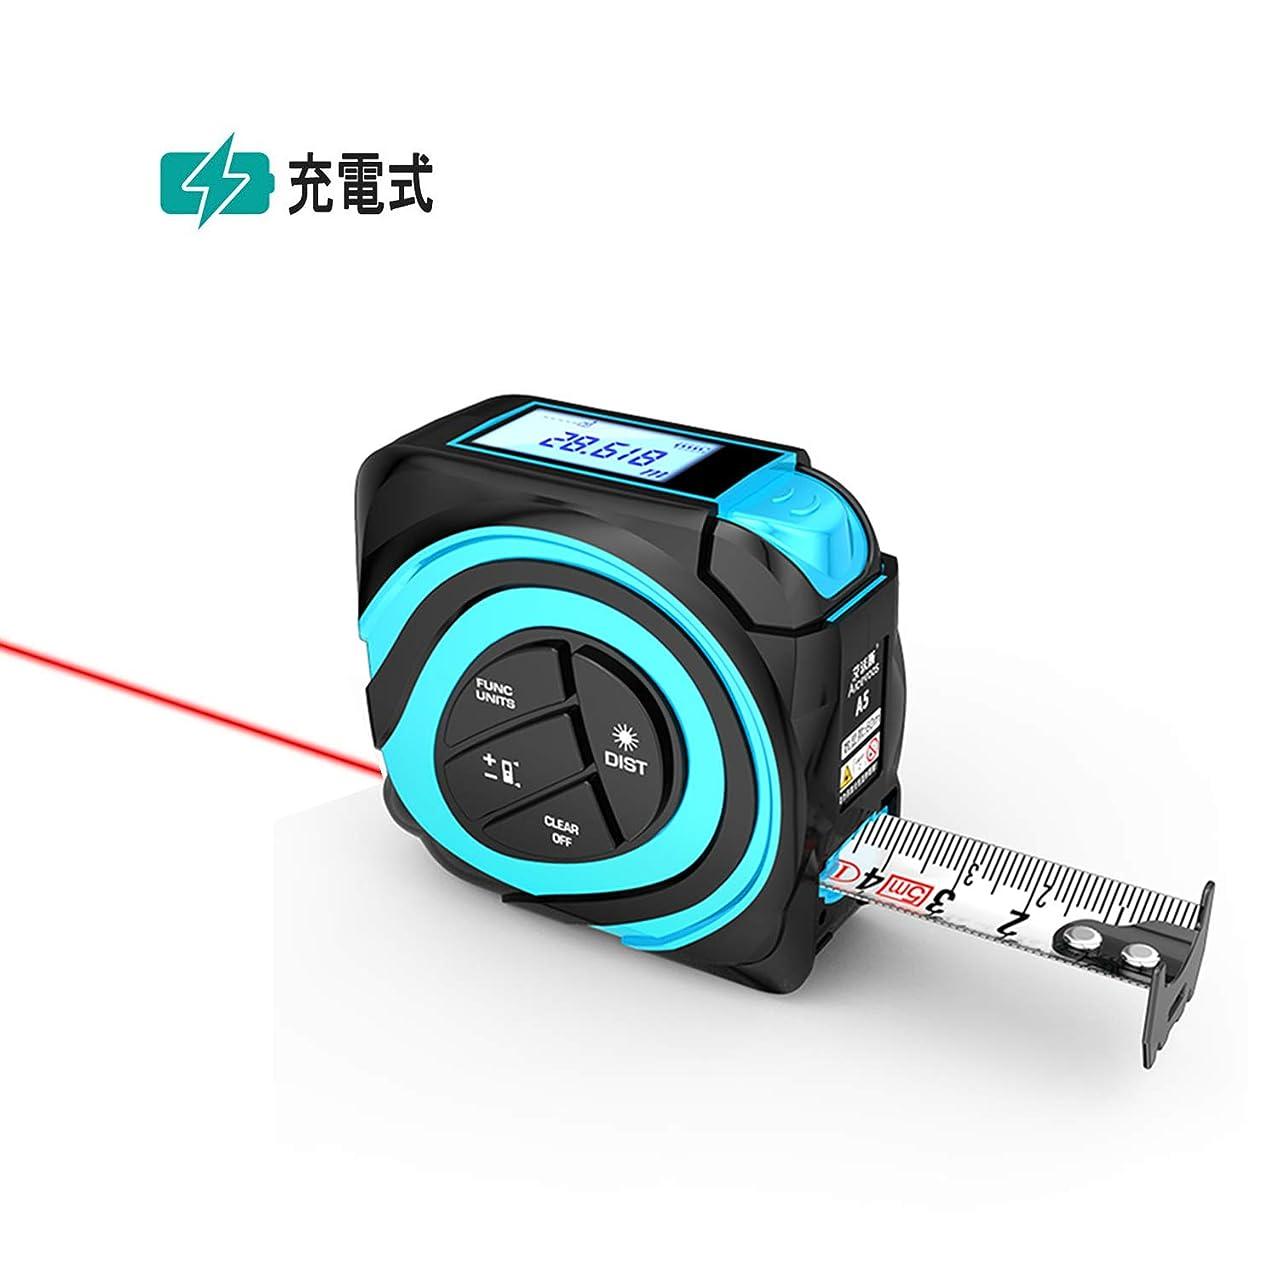 かなり何もない入植者レーザー距離計 多機能 レーザー 計測器 最大測定距離40M USB充電式 LCD 巻尺レーザー距離計 内蔵 距離 空間任意二点測定 IP54防水規格 測量 巻尺 5.0m メートル目盛